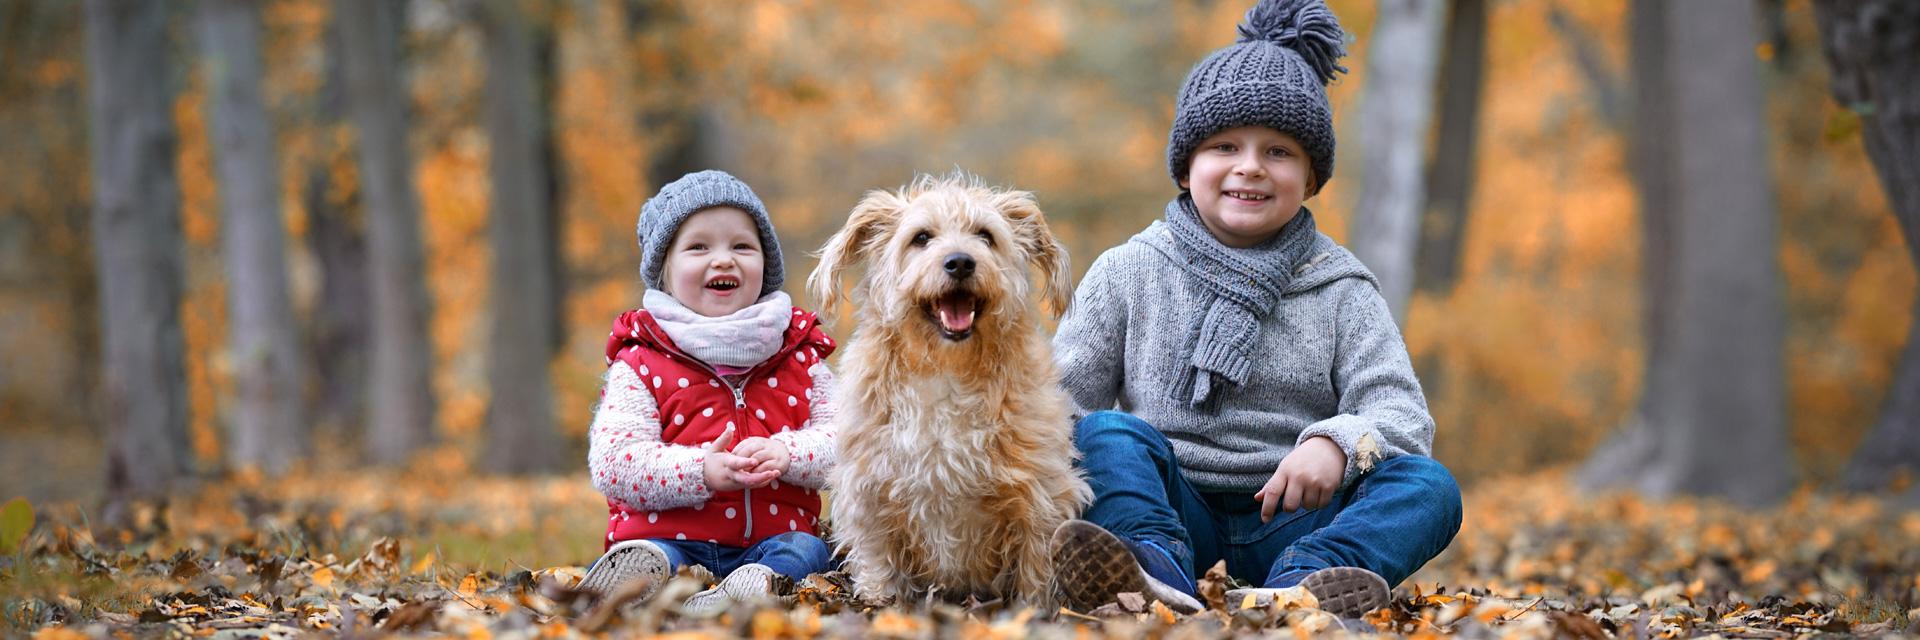 Herbst-Kinder